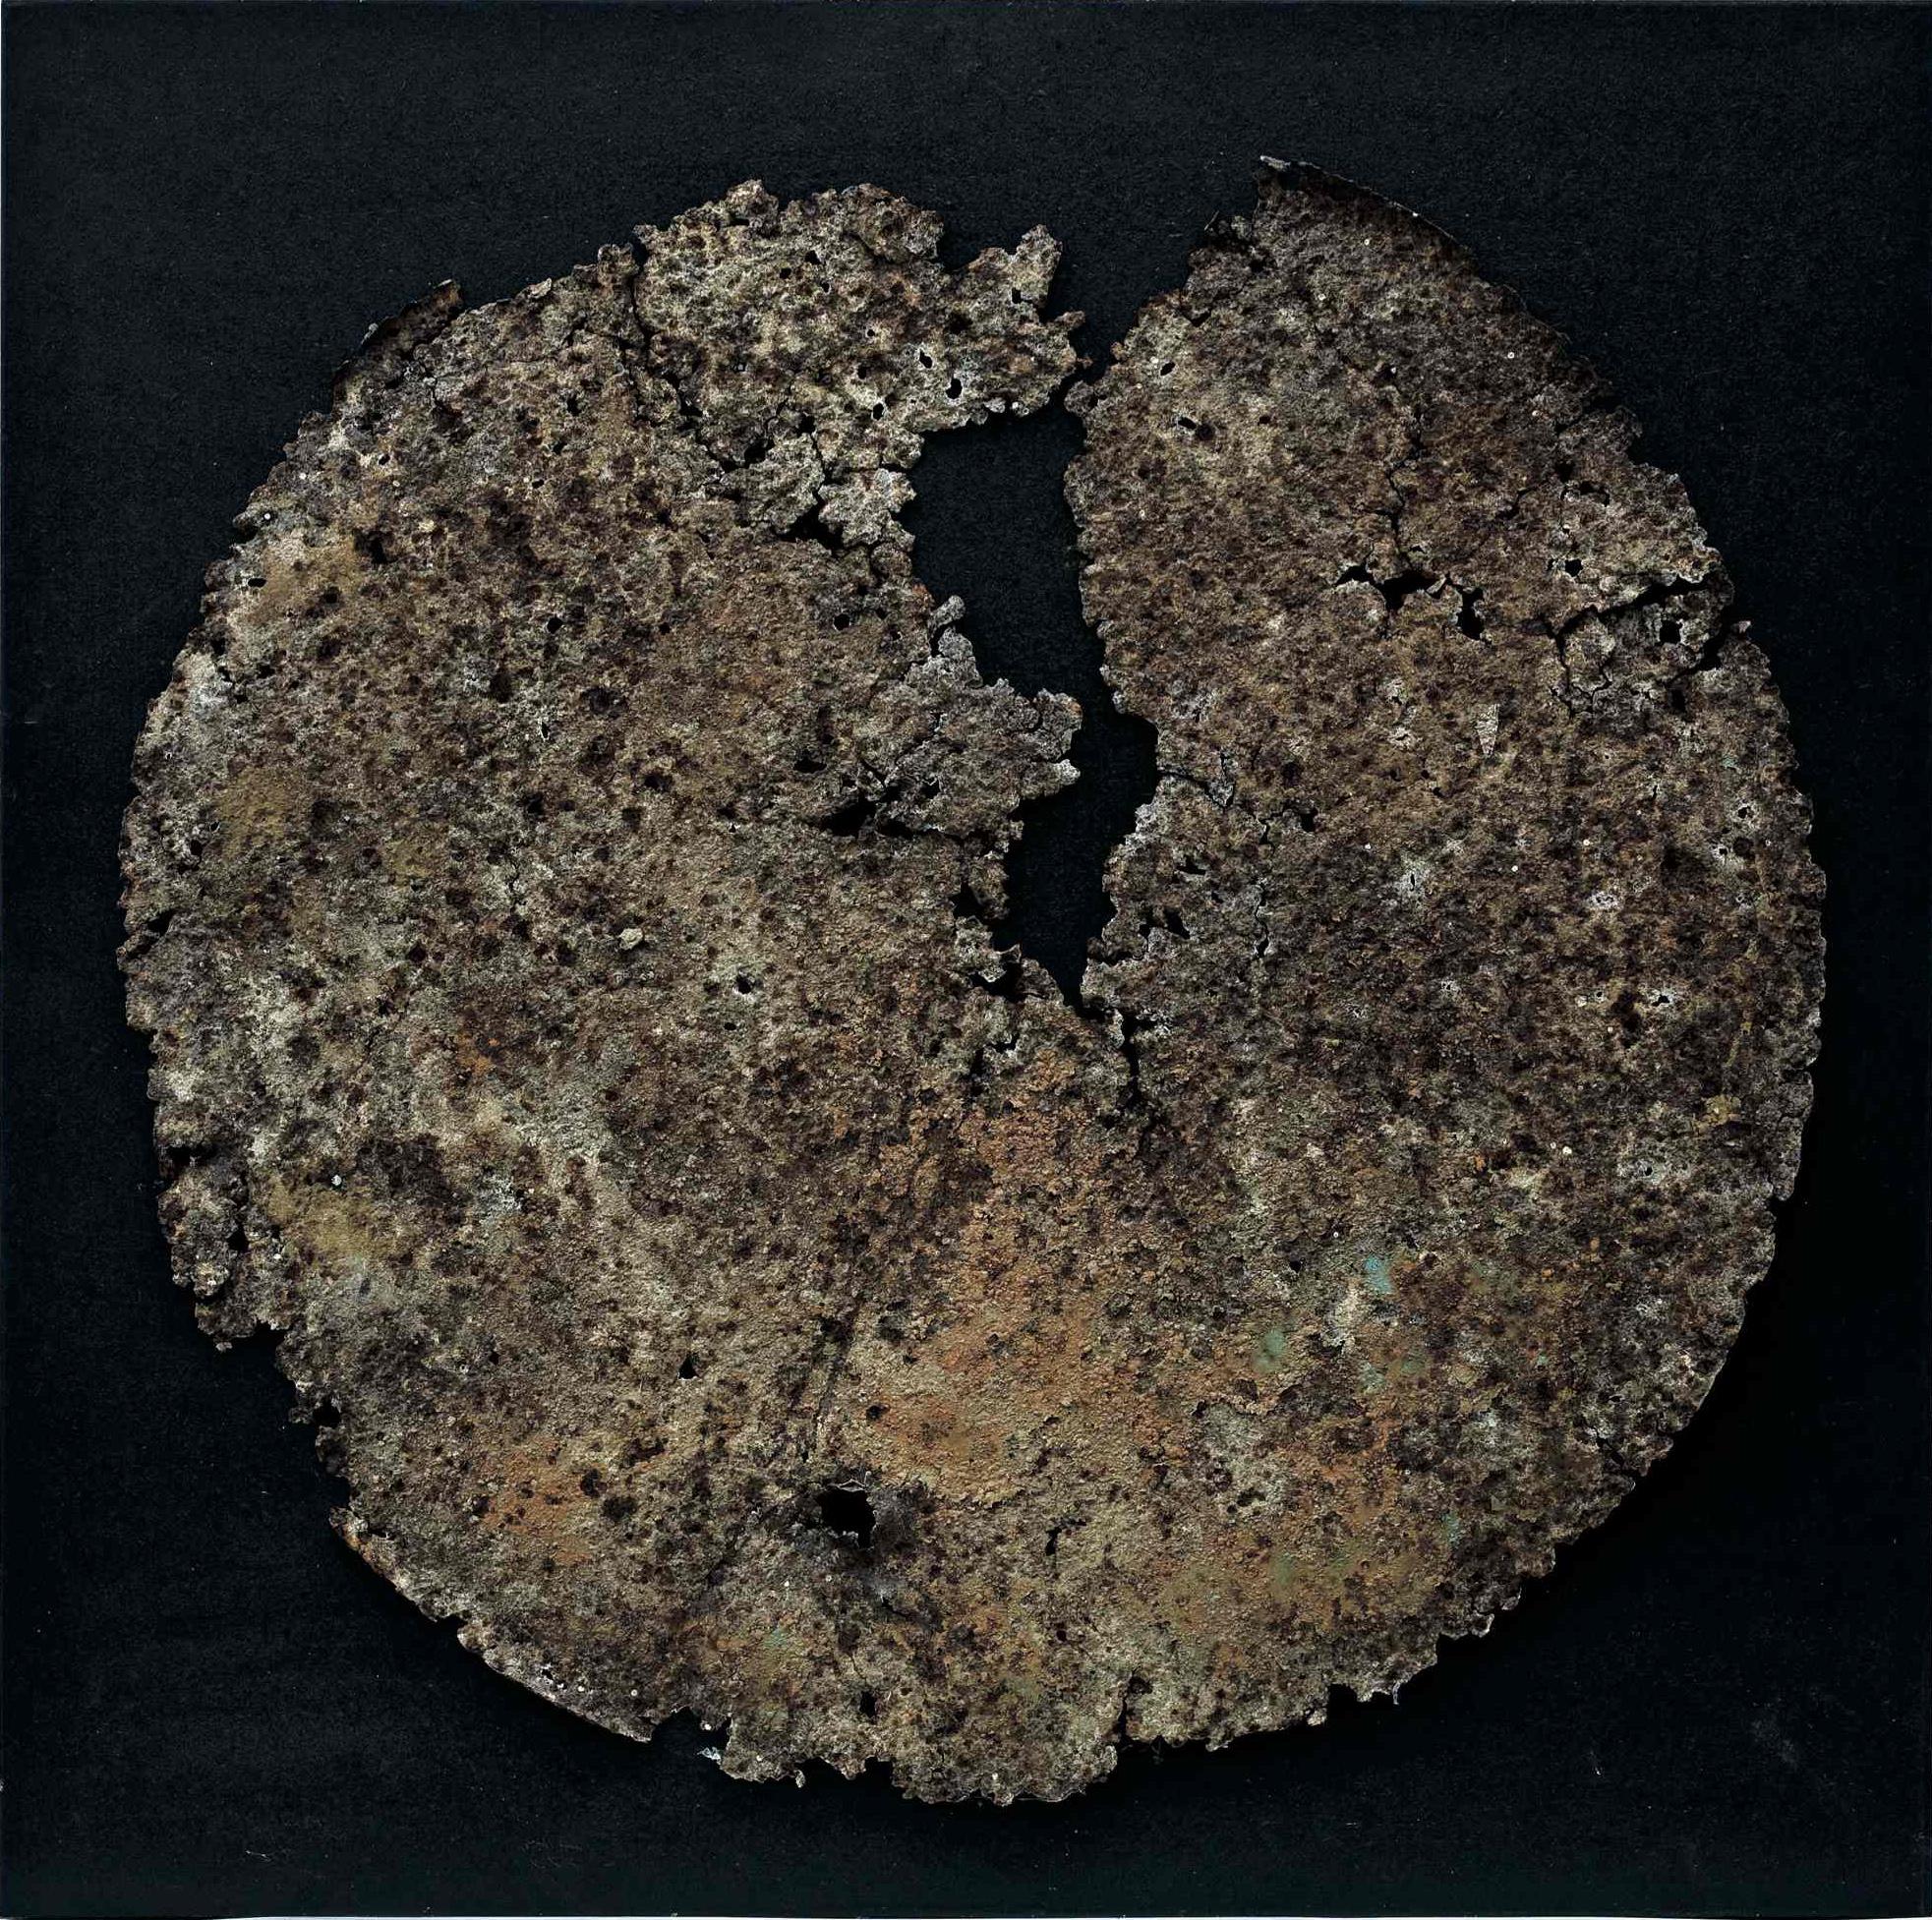 Il disgregarsi della materia 1, ferro combusto su tavola e copertura in plexiglas, 64x64, 2007